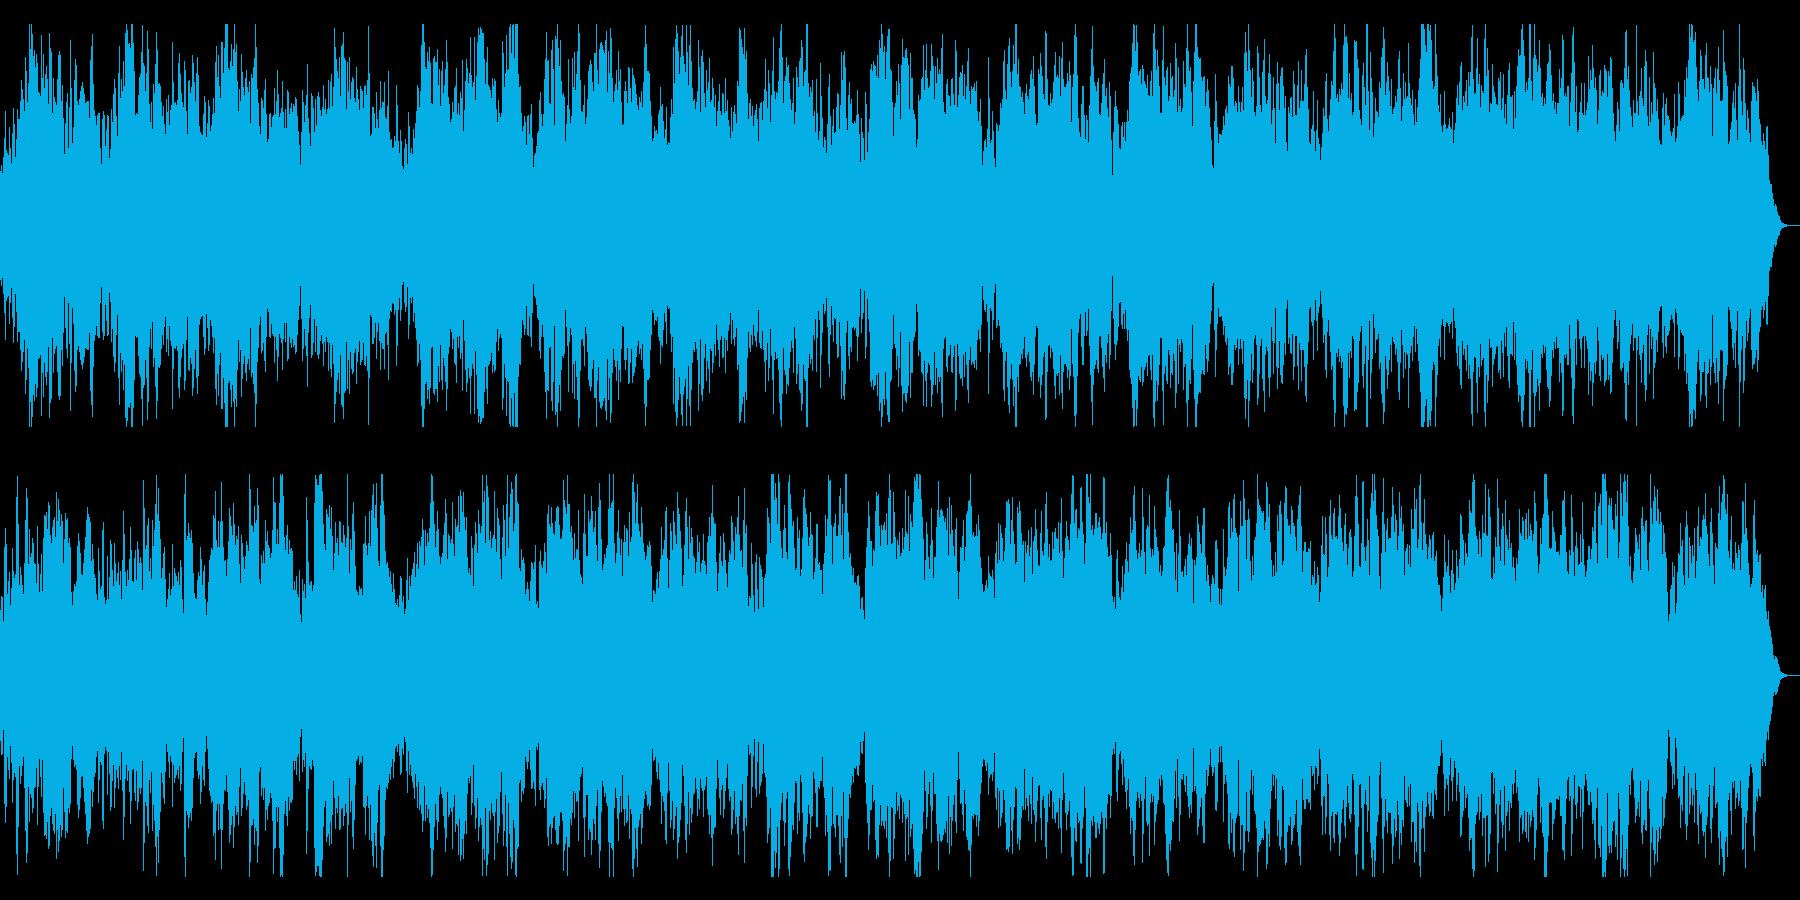 ダークなストリングスとアルペジオのBGMの再生済みの波形